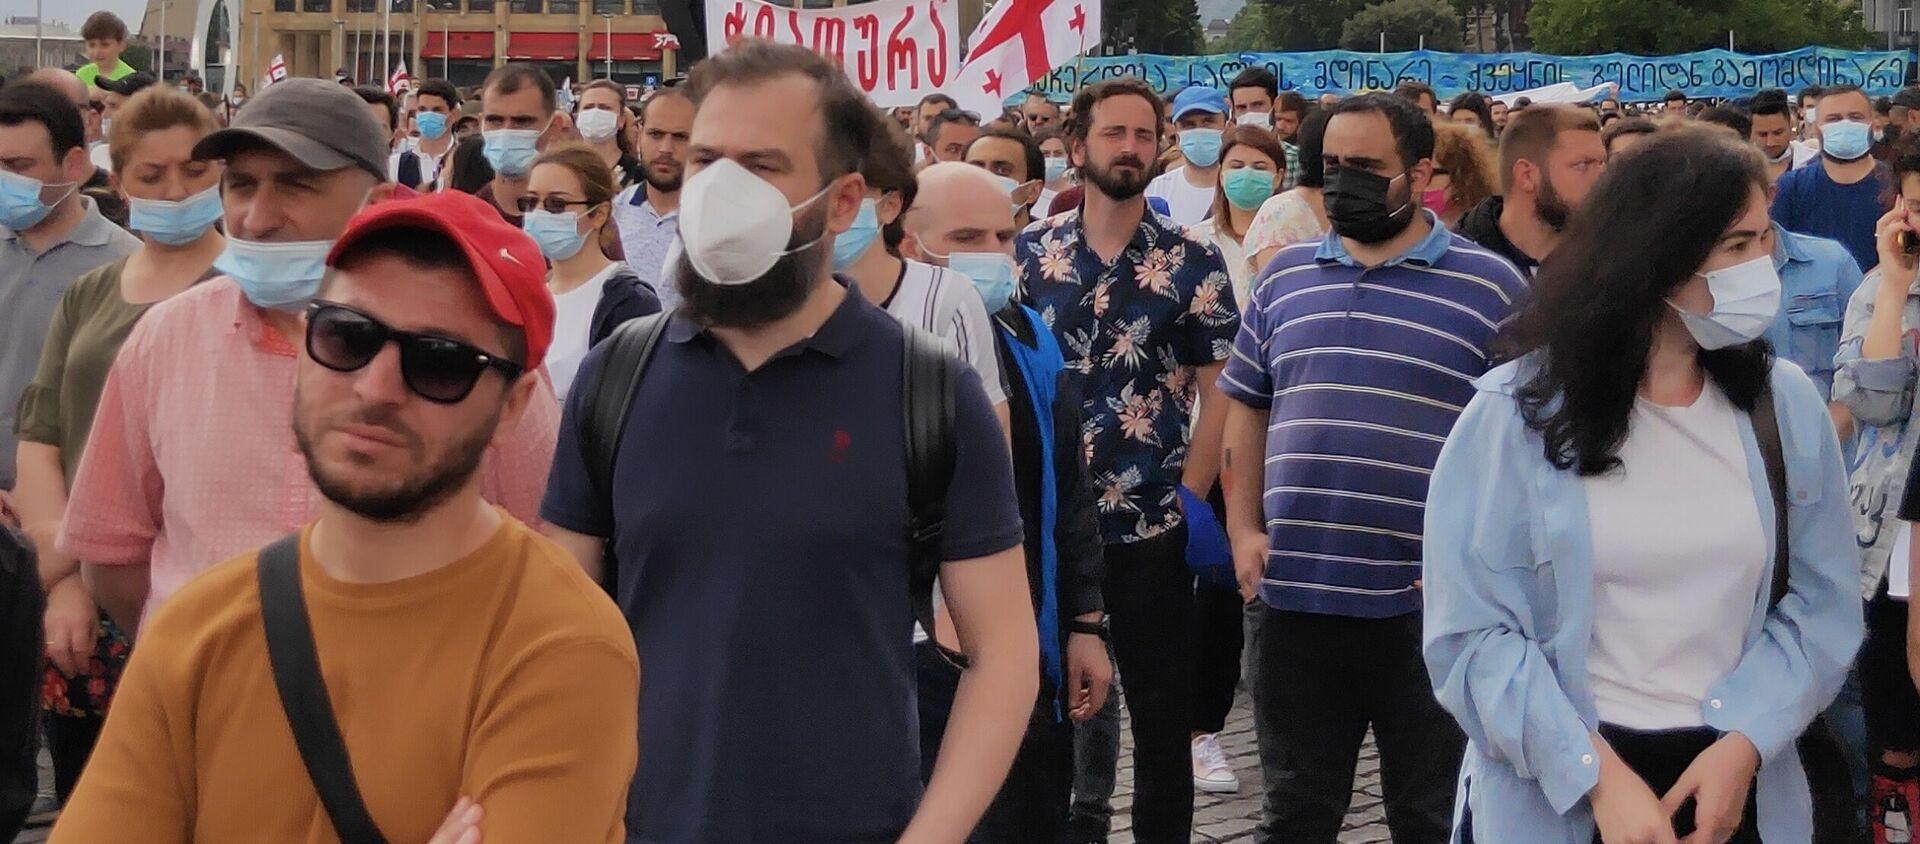 Акция протеста противников Намахвани ГЭС в столице Грузии 26 мая 2021 года - Sputnik Грузия, 1920, 26.05.2021